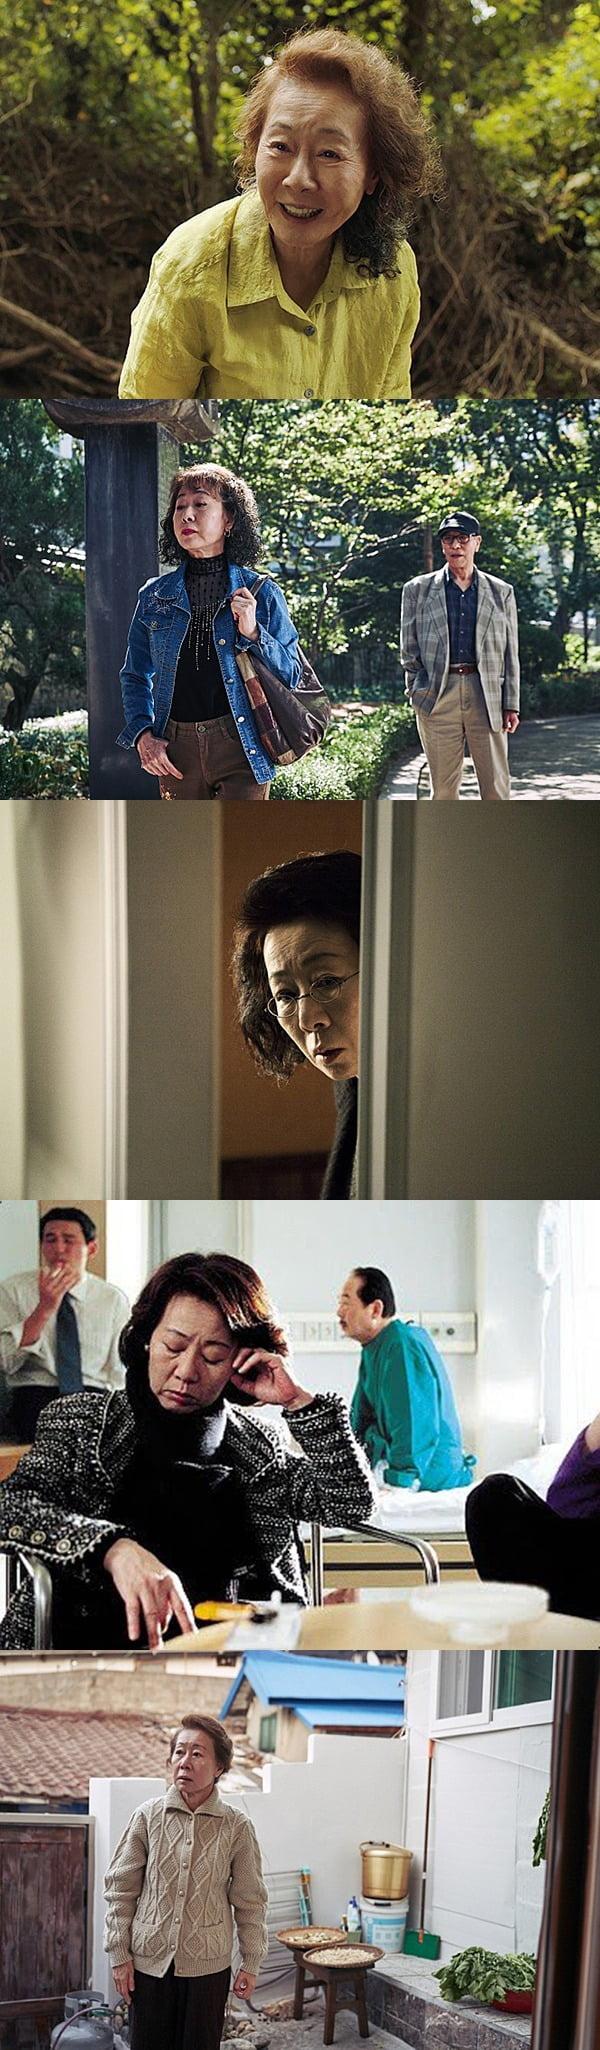 영화 '미나리'(위부터 차례로), '죽여주는 여자', '하녀', '바람난 가족', '찬실이는 복도 많지'의 윤여정. / 사진제공=각 영화 배급사